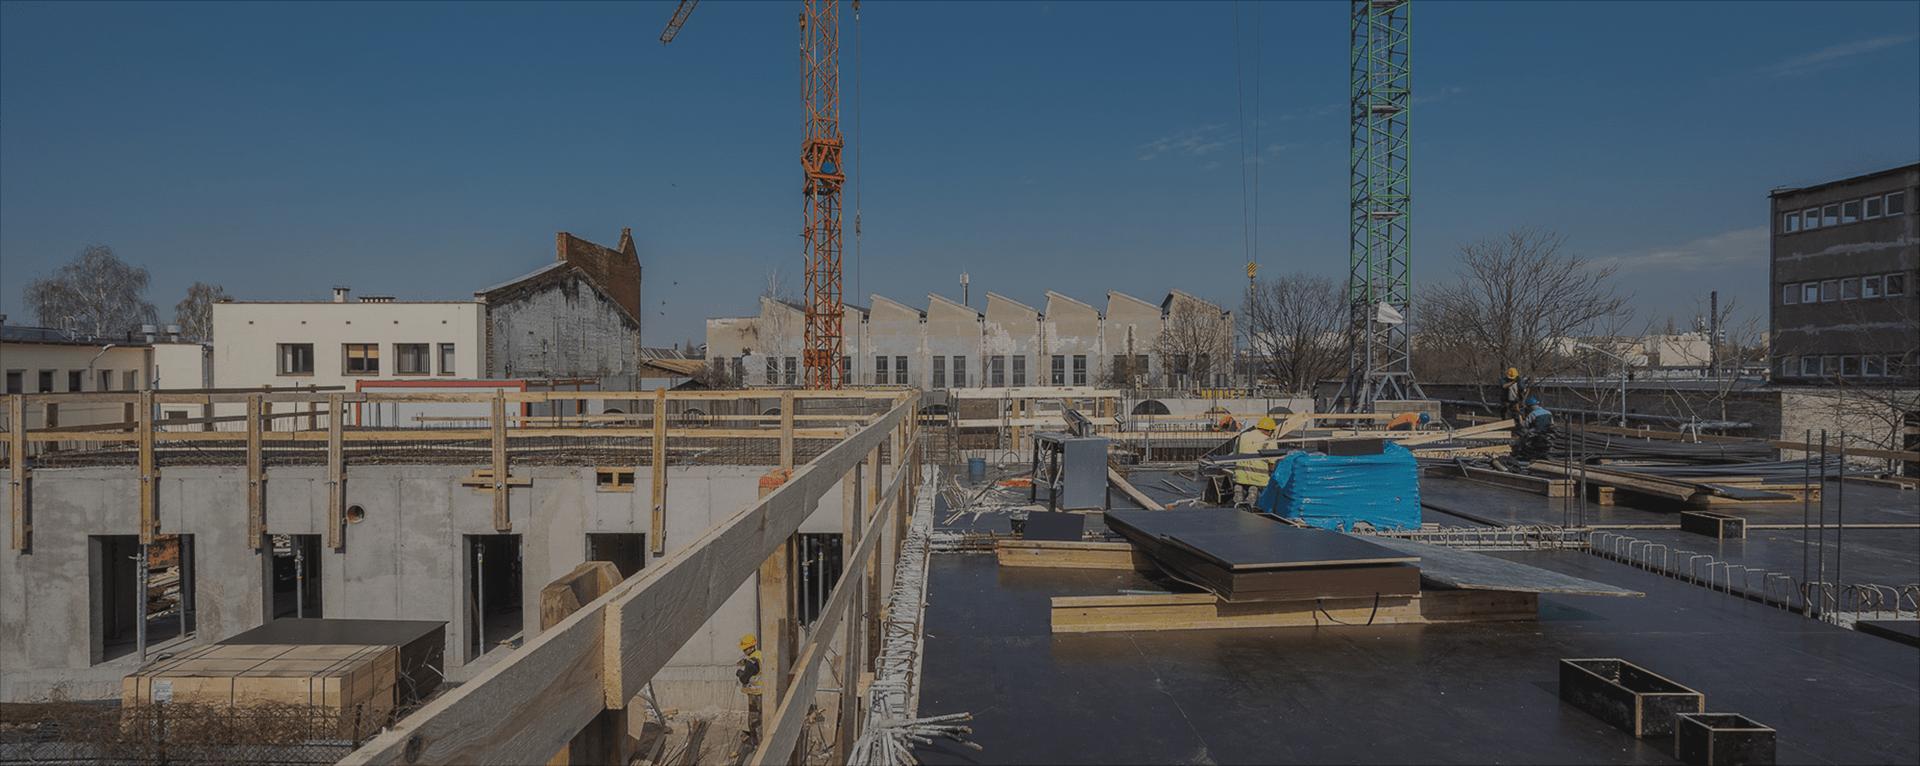 Postępy prac budowlanych